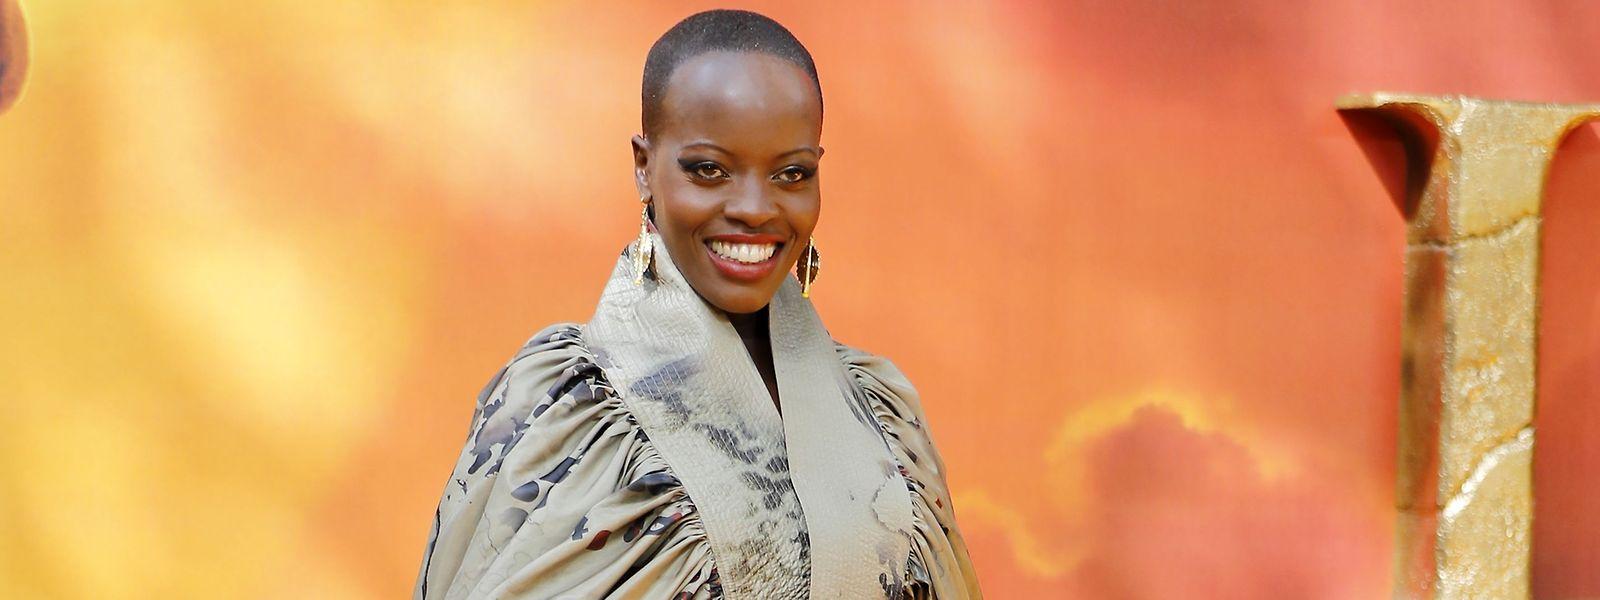 """Tradition trifft Moderne: Zur """"Lion King""""-Europapremiere in London trug die deutsch-ugandische Schauspielerin Florence Kasumba ein Ensemble aus der """"Africanah""""-Kollektion des südafrikanischen Designers David Tlale."""